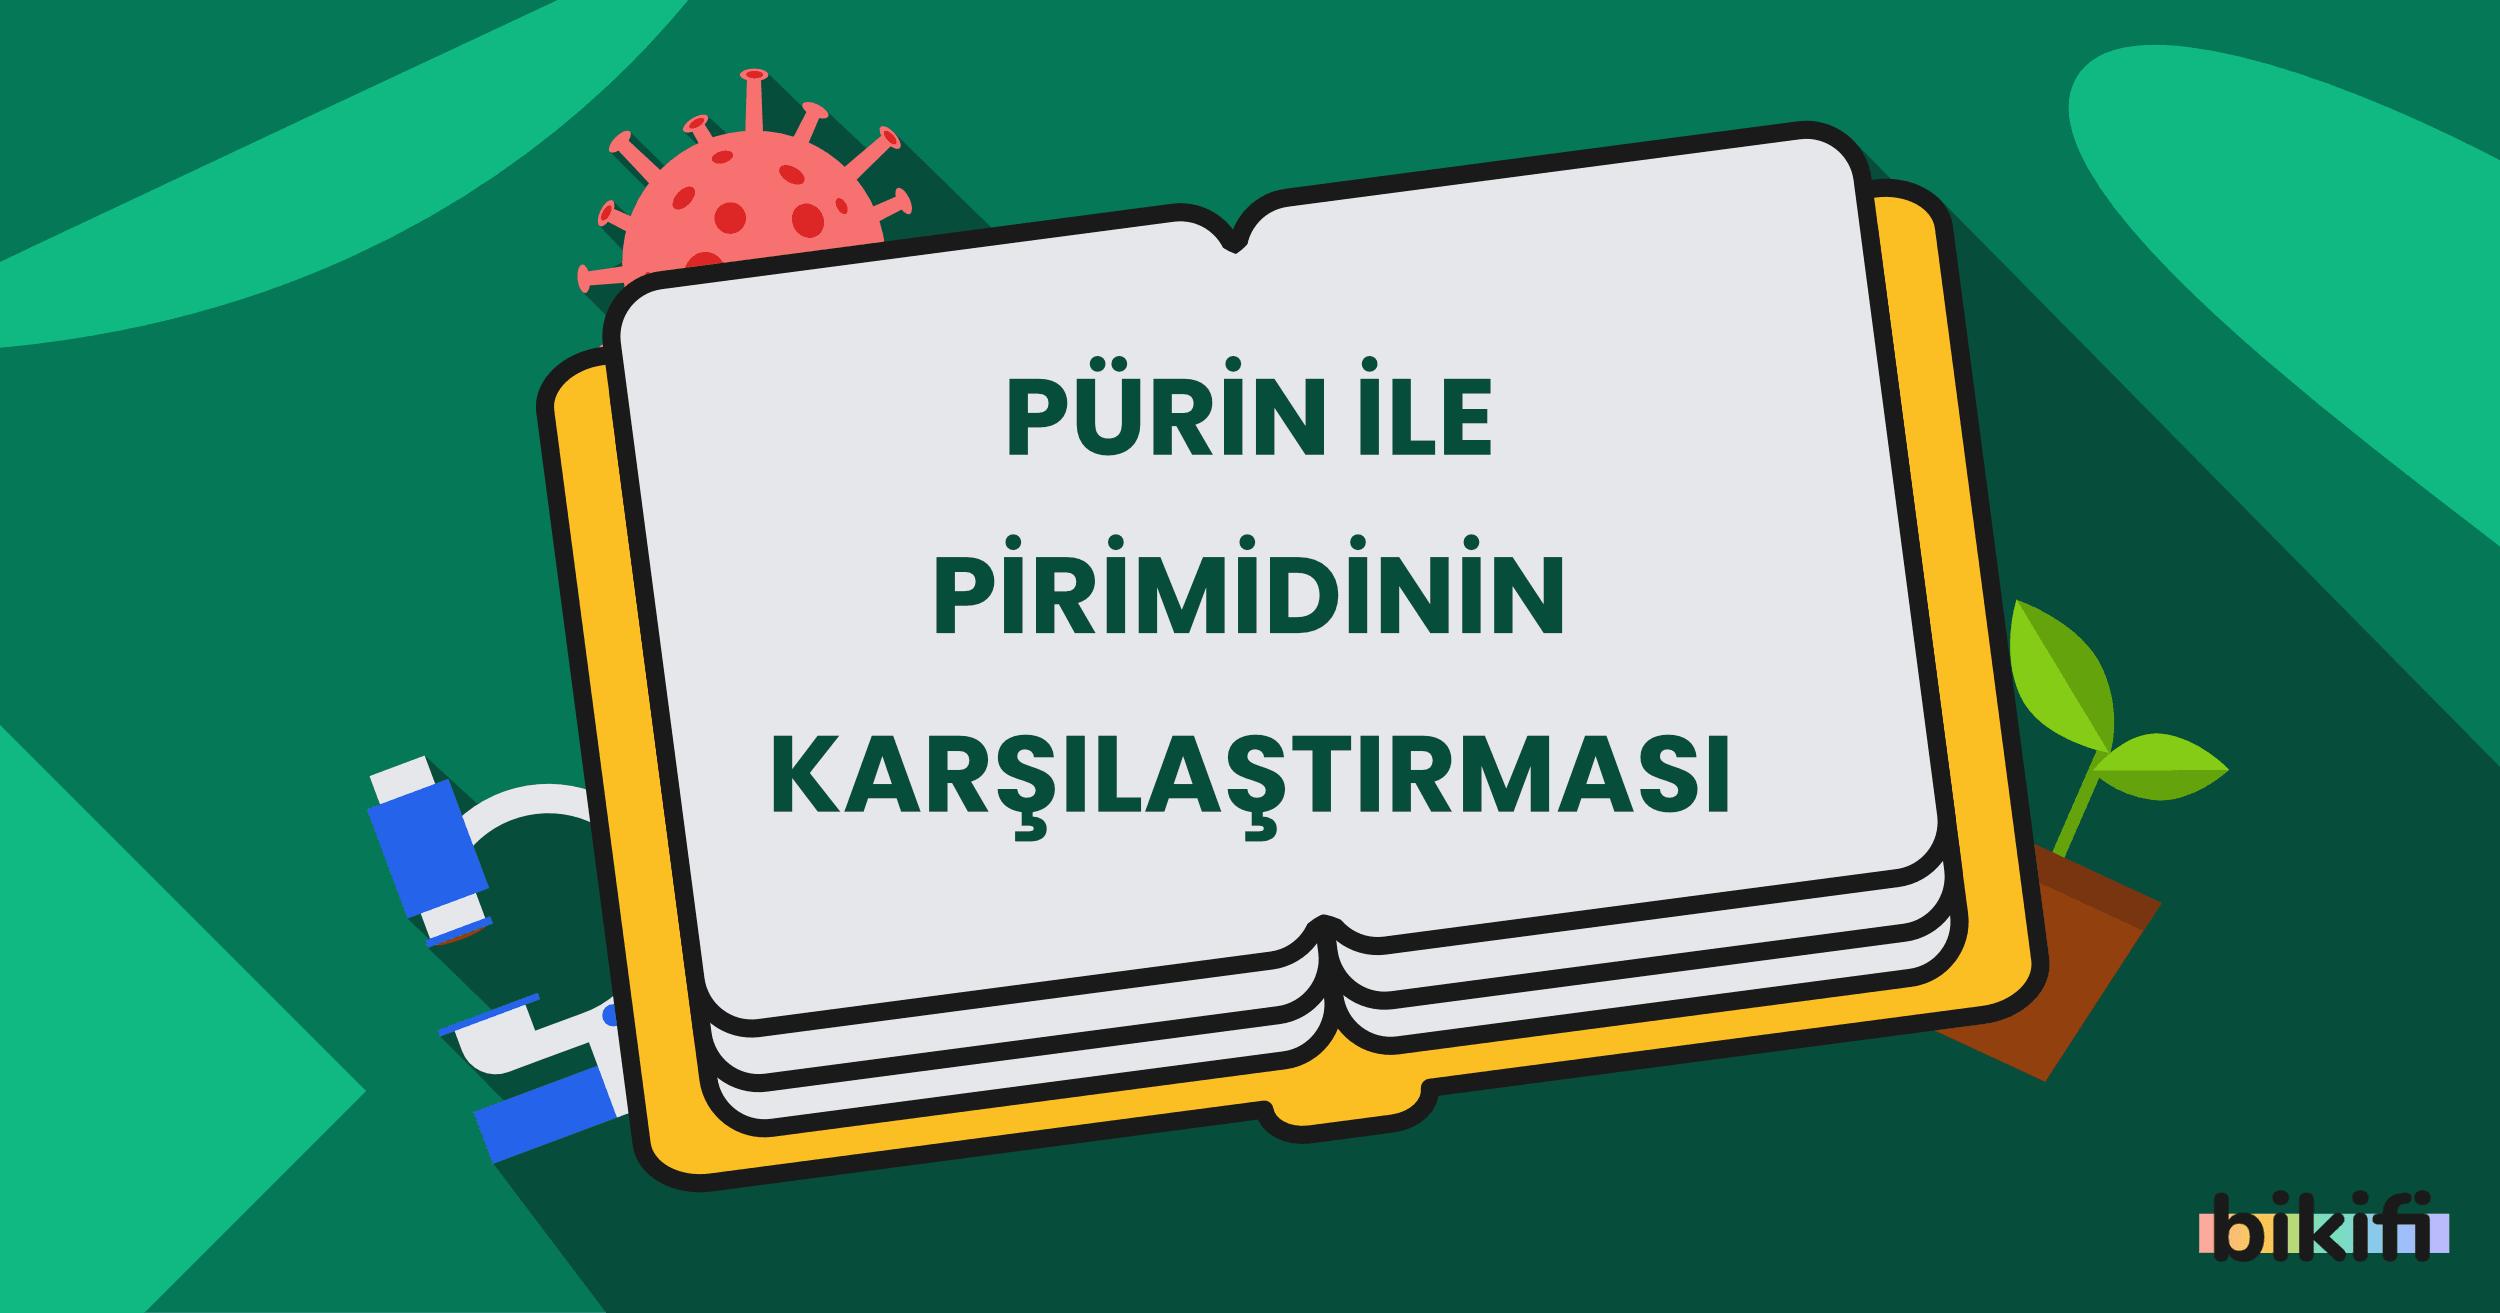 Pürin ile Pirimidin'in Karşılaştırması